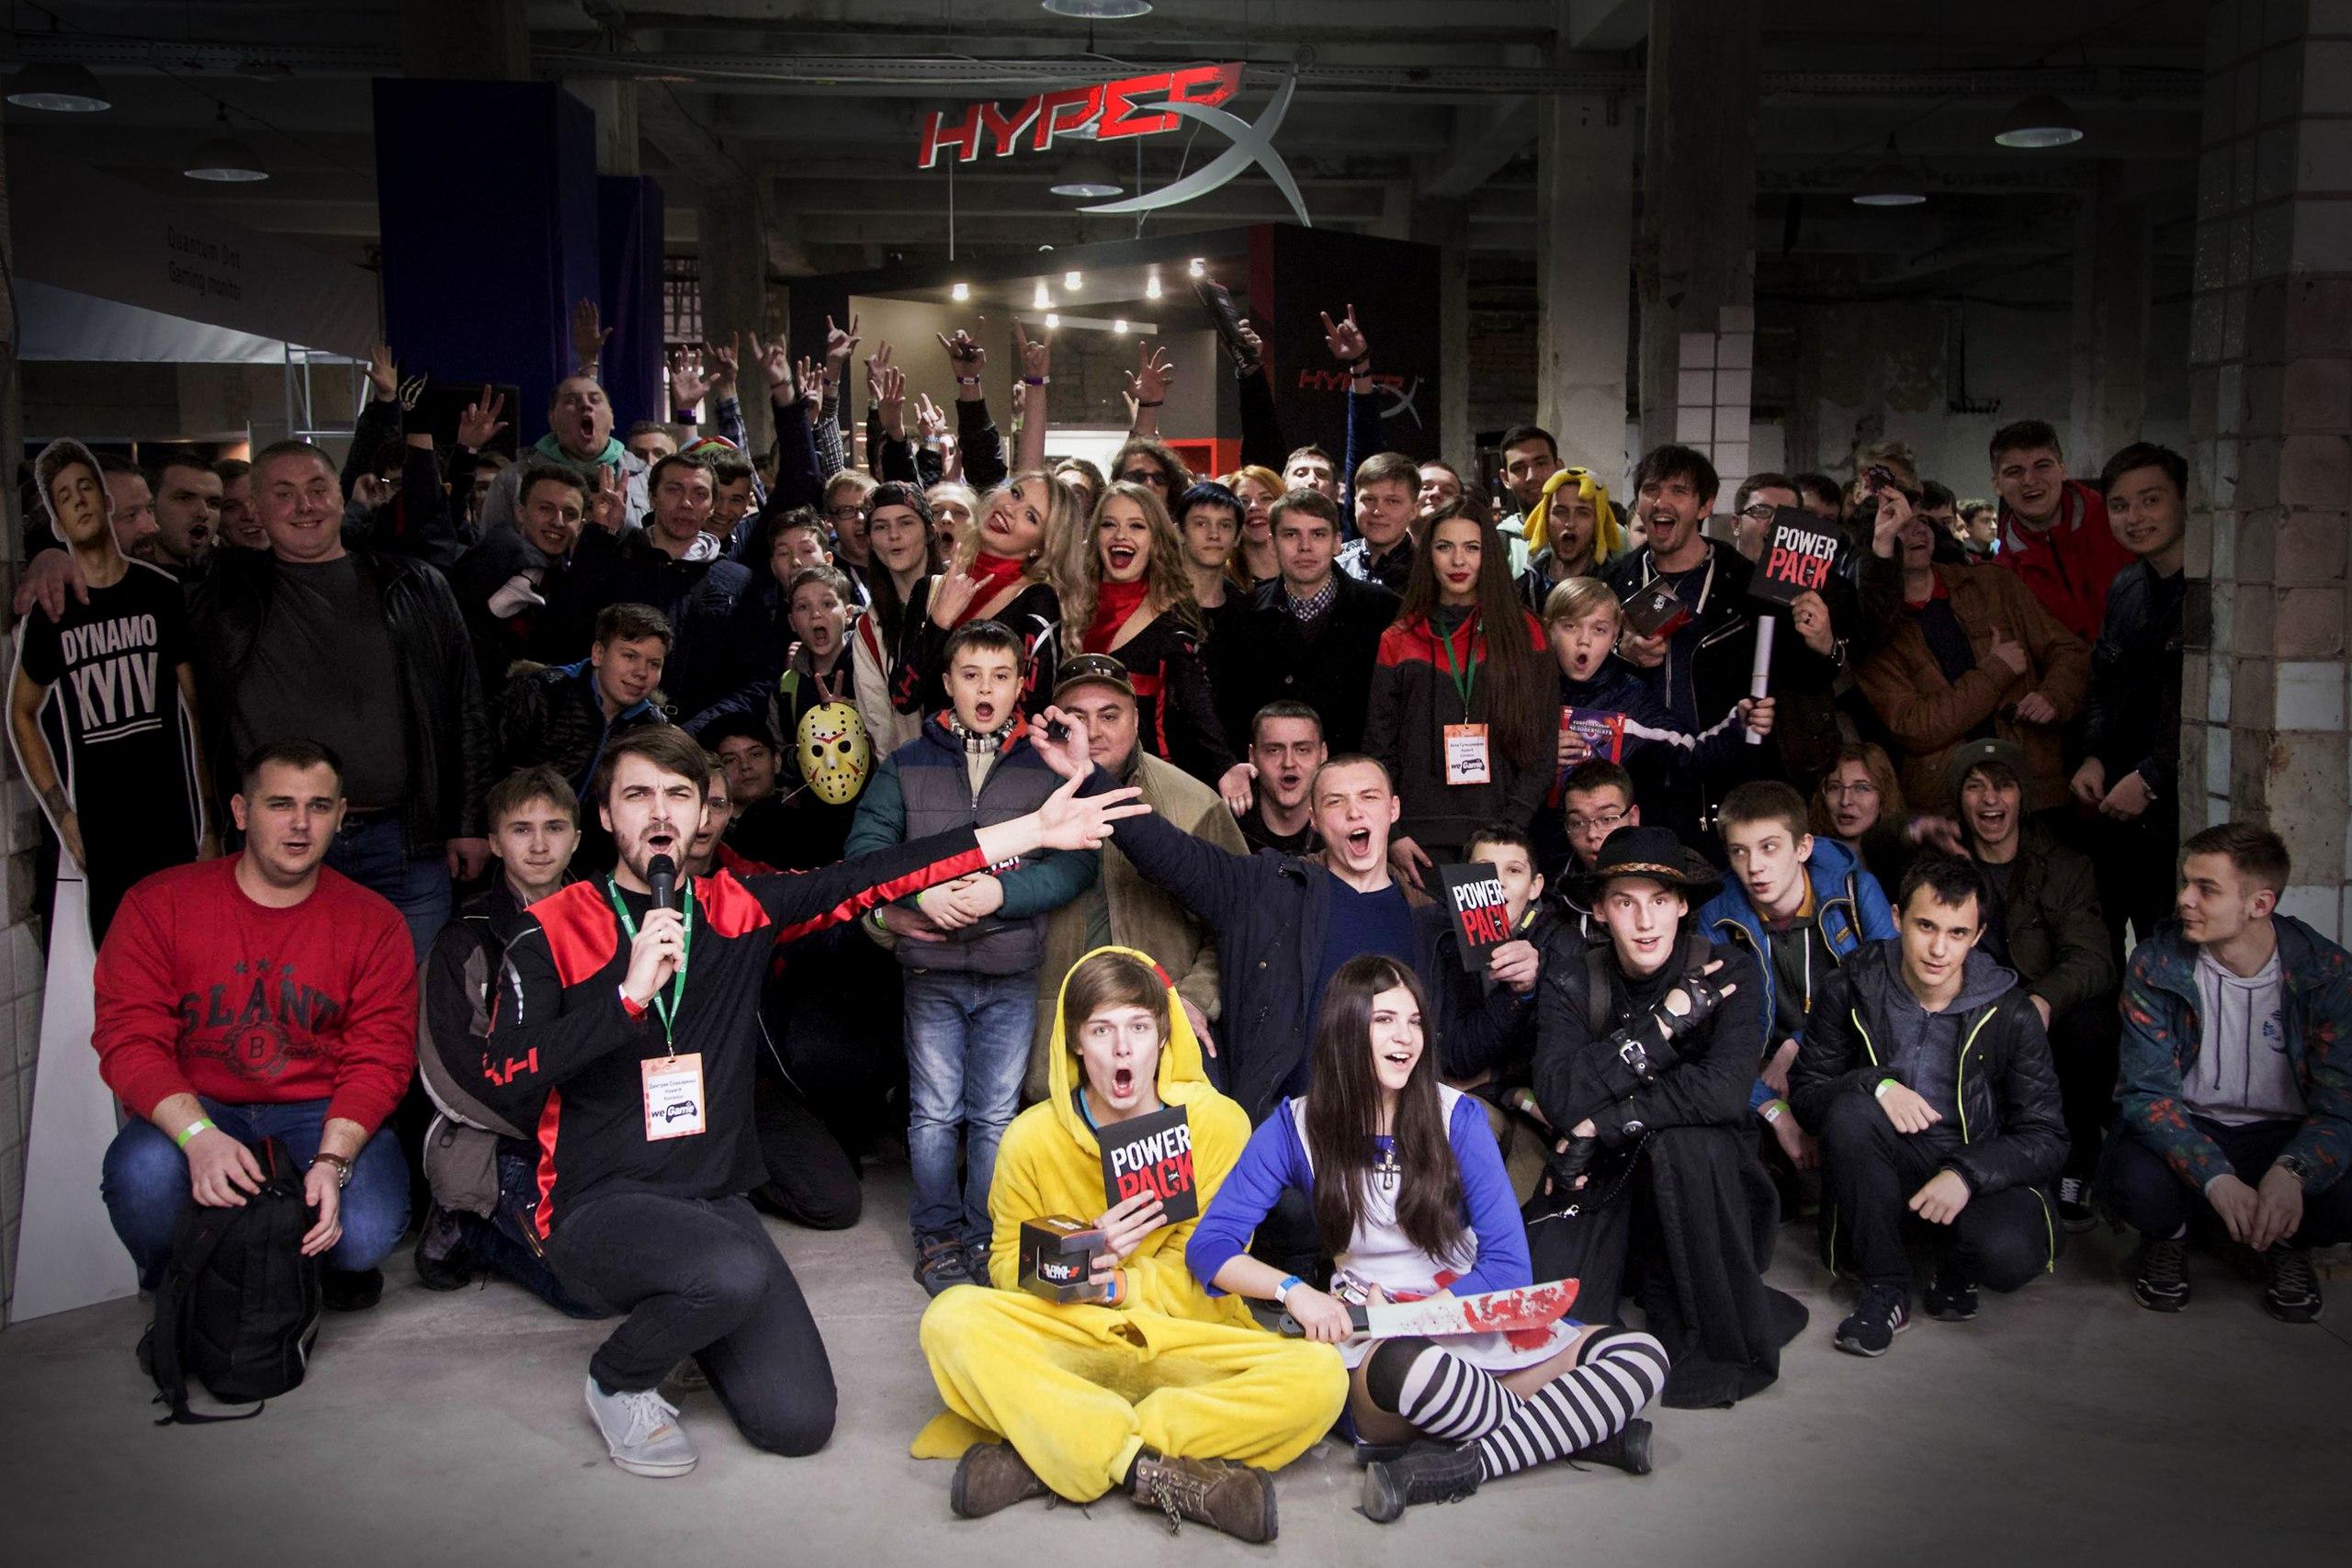 Інтерв'ю з представницею бренду HyperX Ольгою Андрєєвою